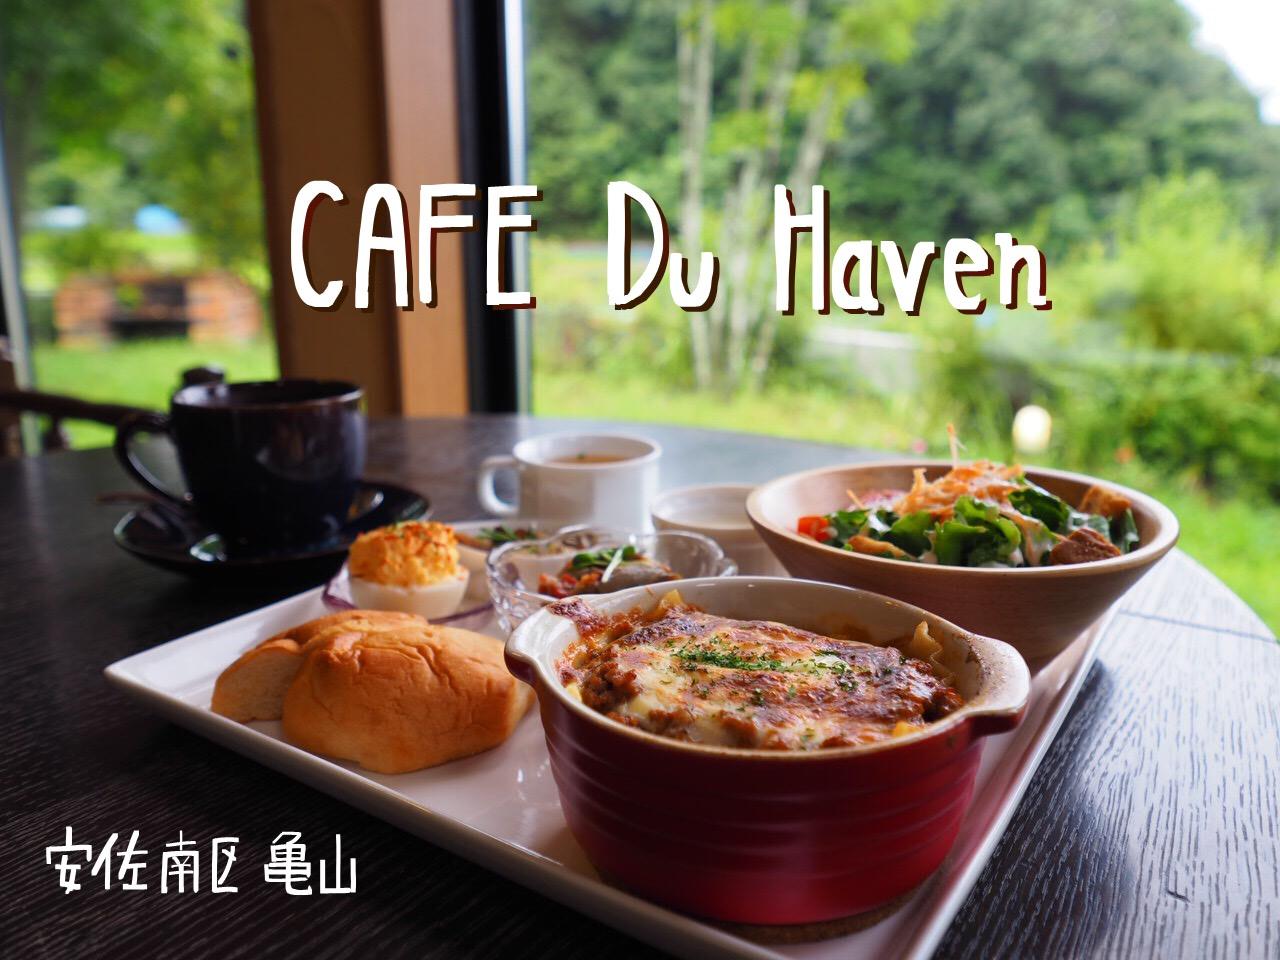 CAFE Du Haven